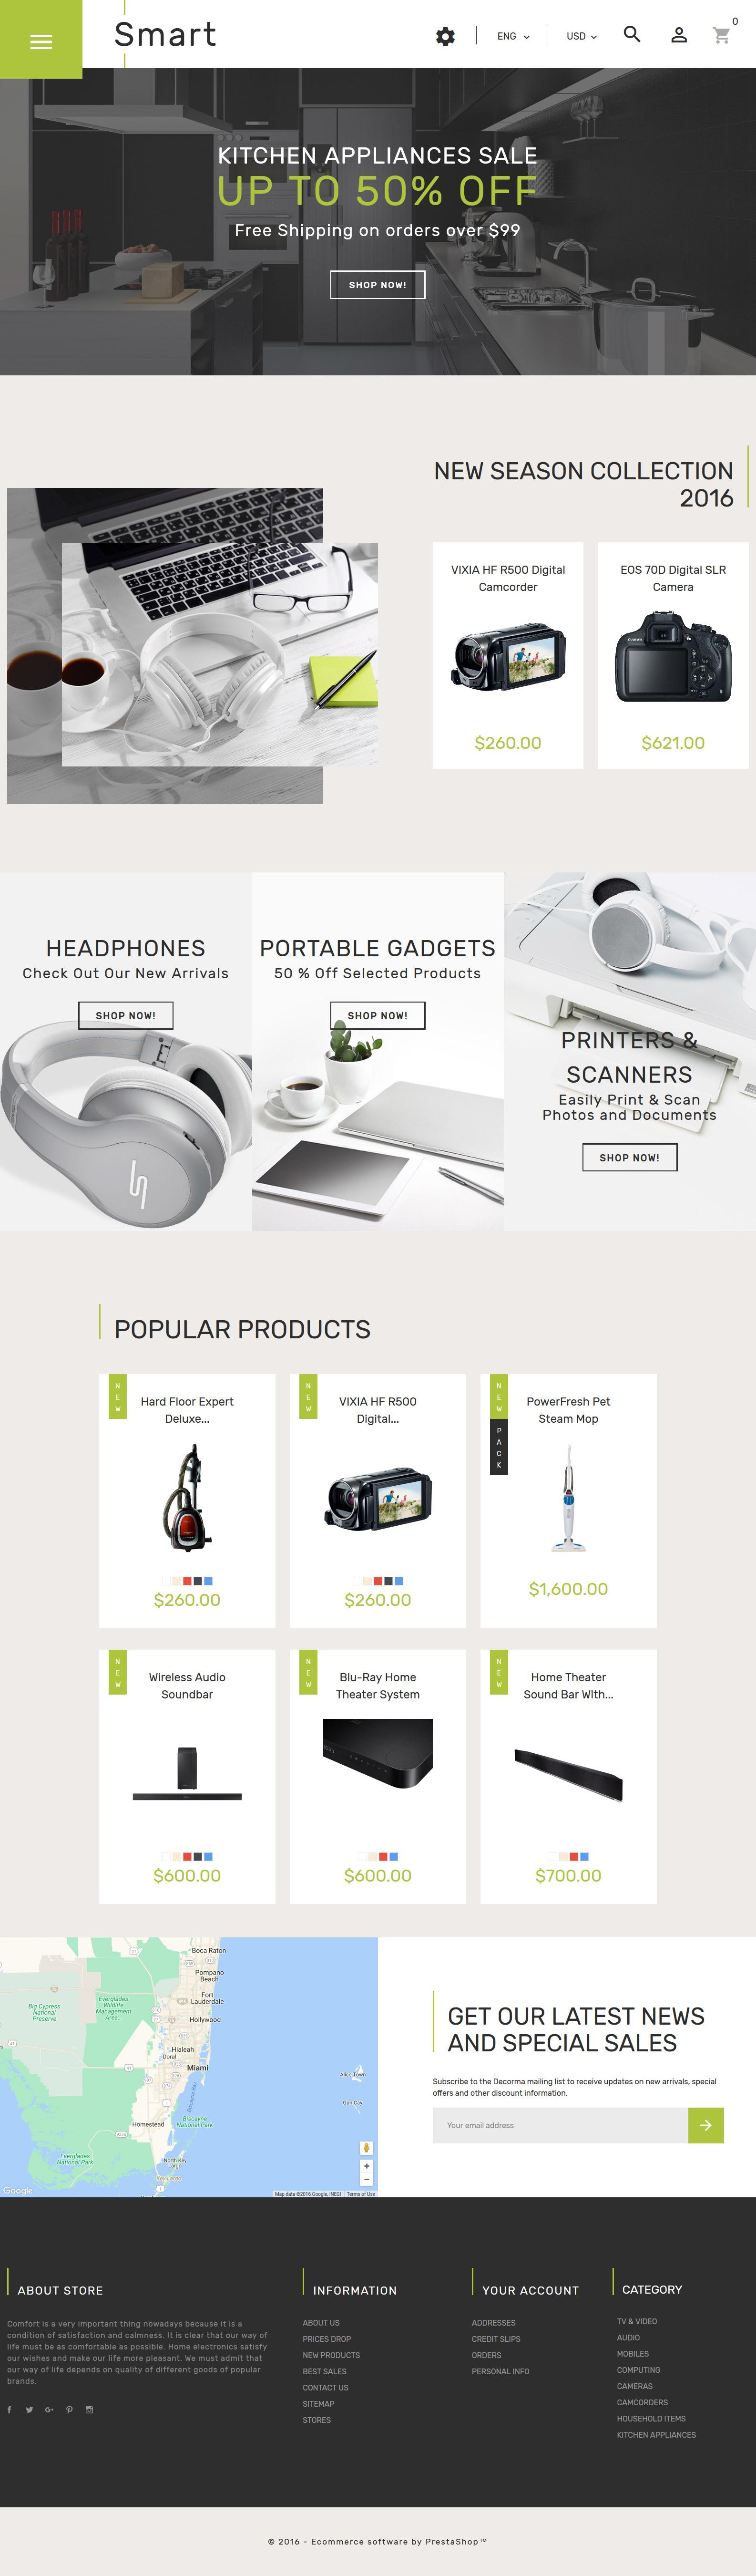 Reszponzív Smart - Gadgets & Electronics PrestaShop sablon 61360 - képernyőkép